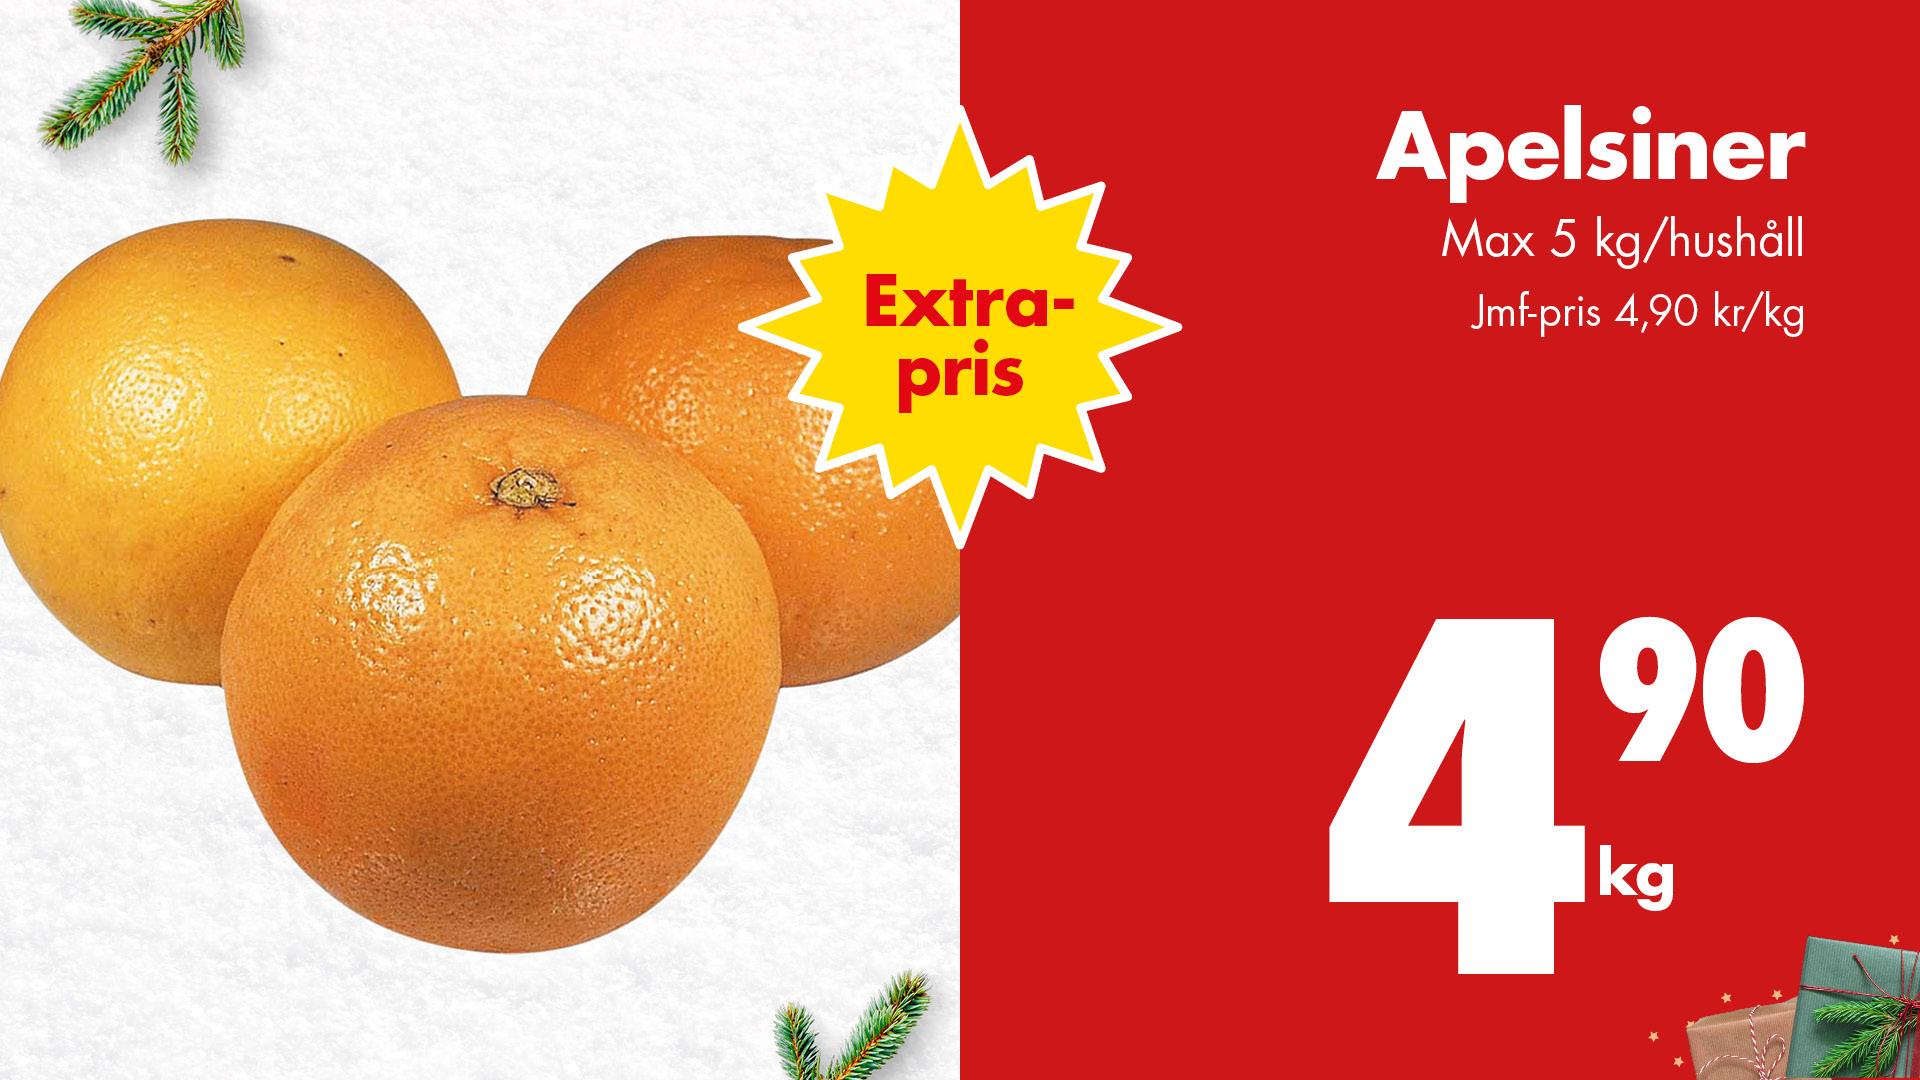 v46-47_1920x1080px_apelsiner